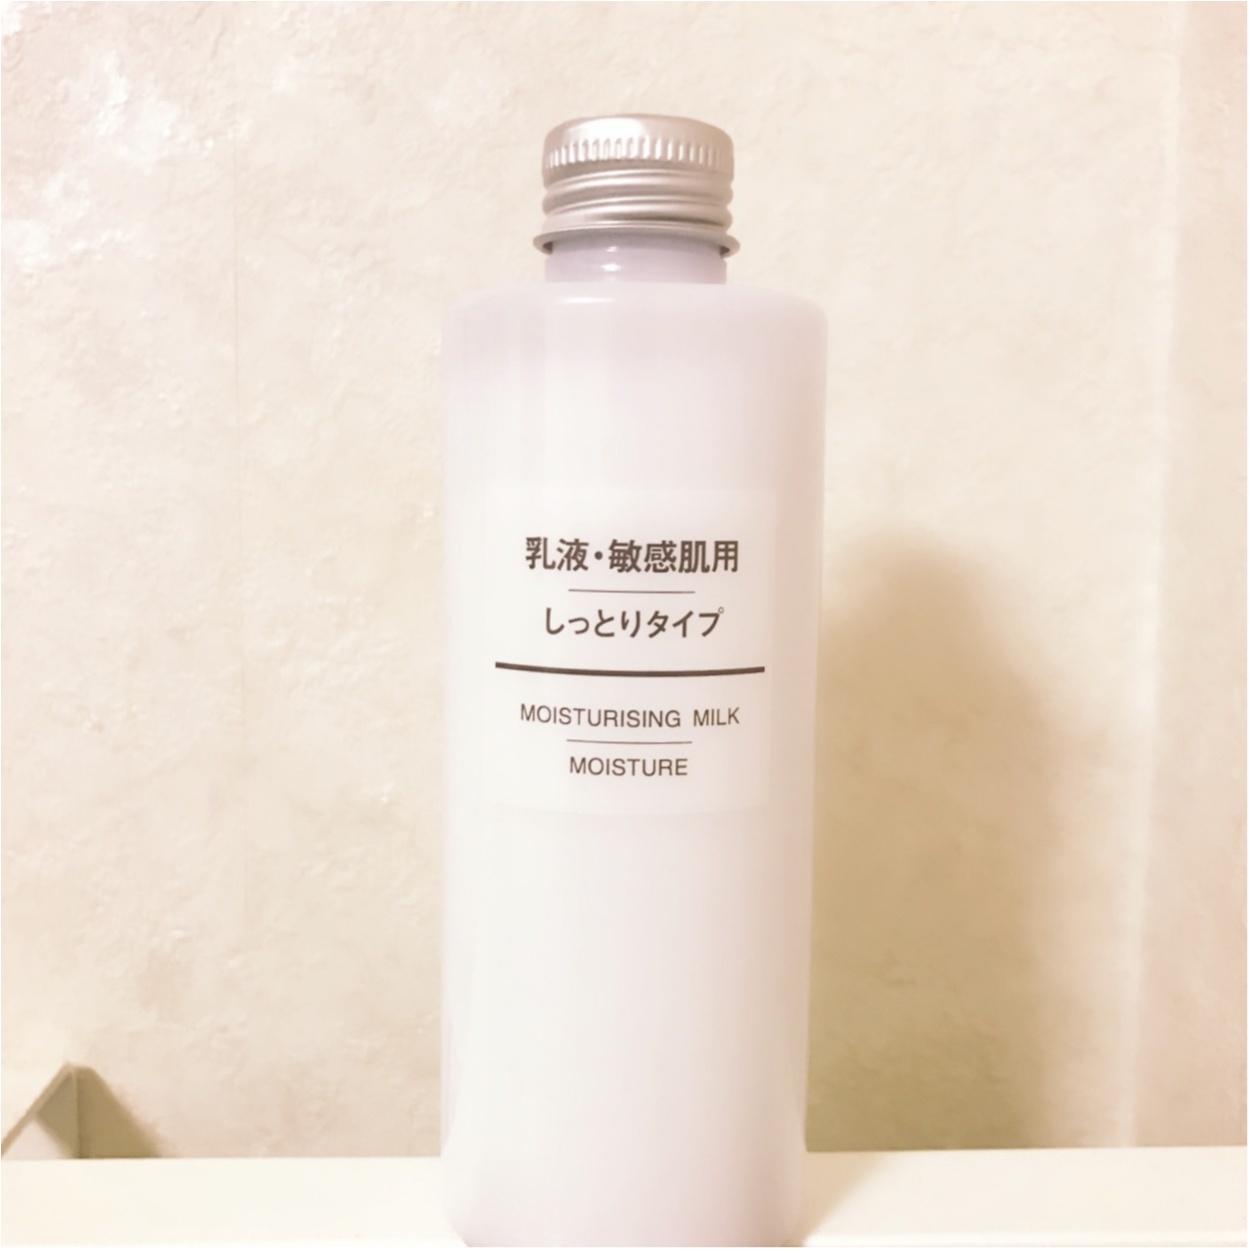 新品&中古 無印良品 MUJI 乳液 高保湿タイプ 2本 ポンプヘッド 1本